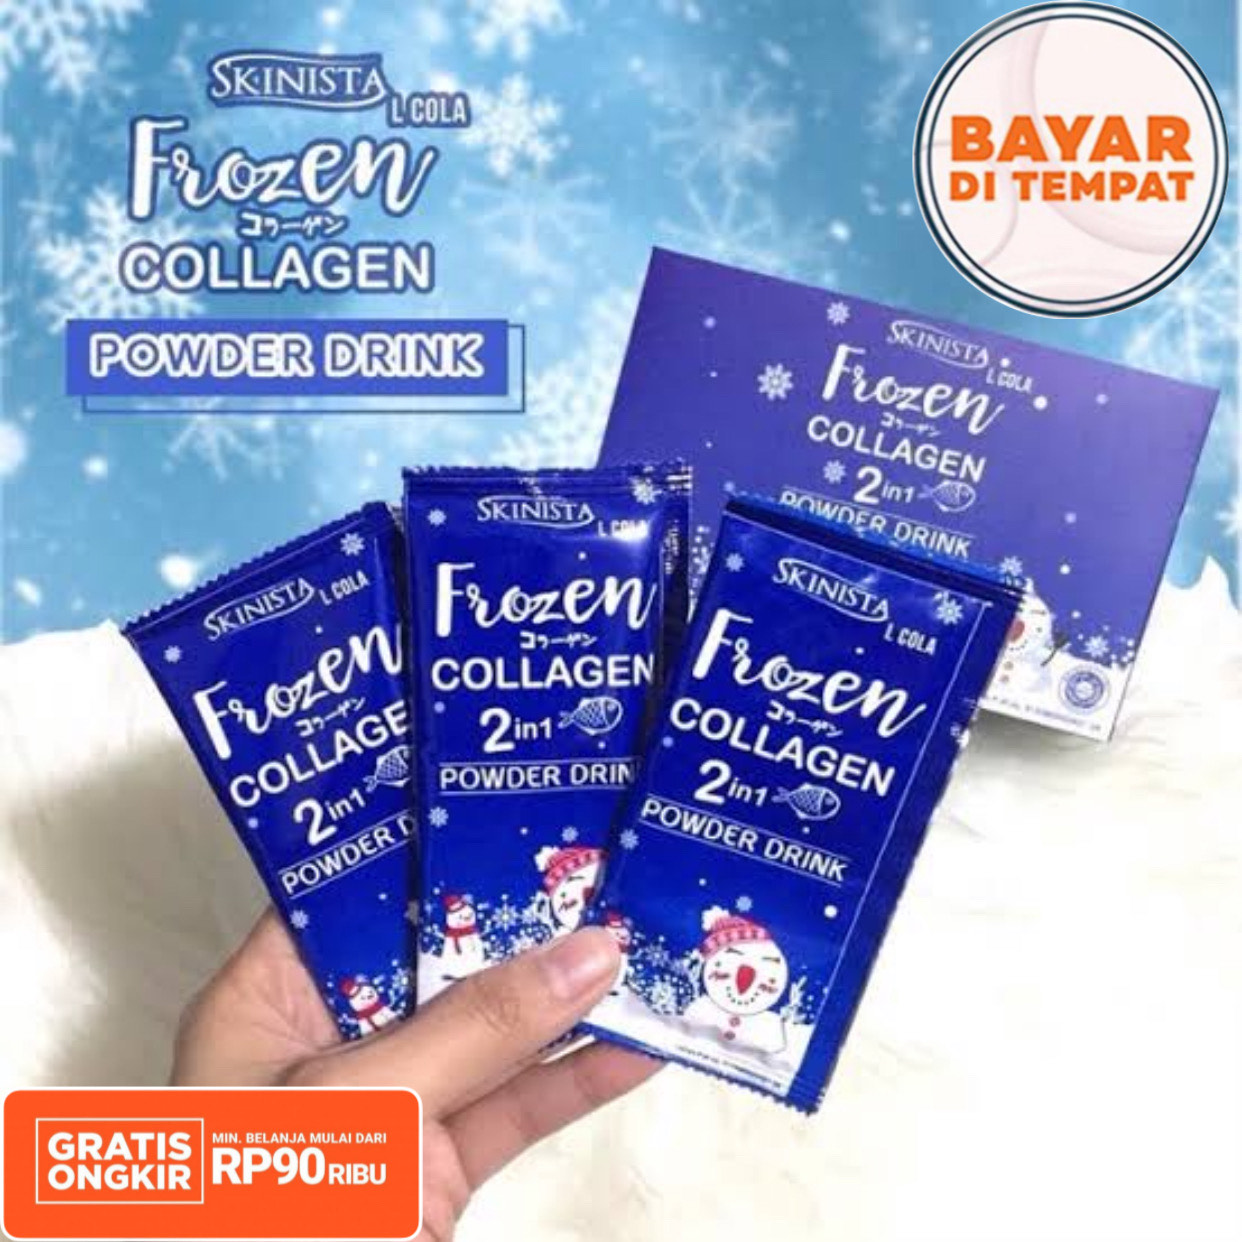 frozen collagen 2in1 power drink skinista bpom – isi 1pcs / collagen pemutih kulit ba/ pemutih wajah glowing / pemutih bapermanen / pemutih wajah / minuman